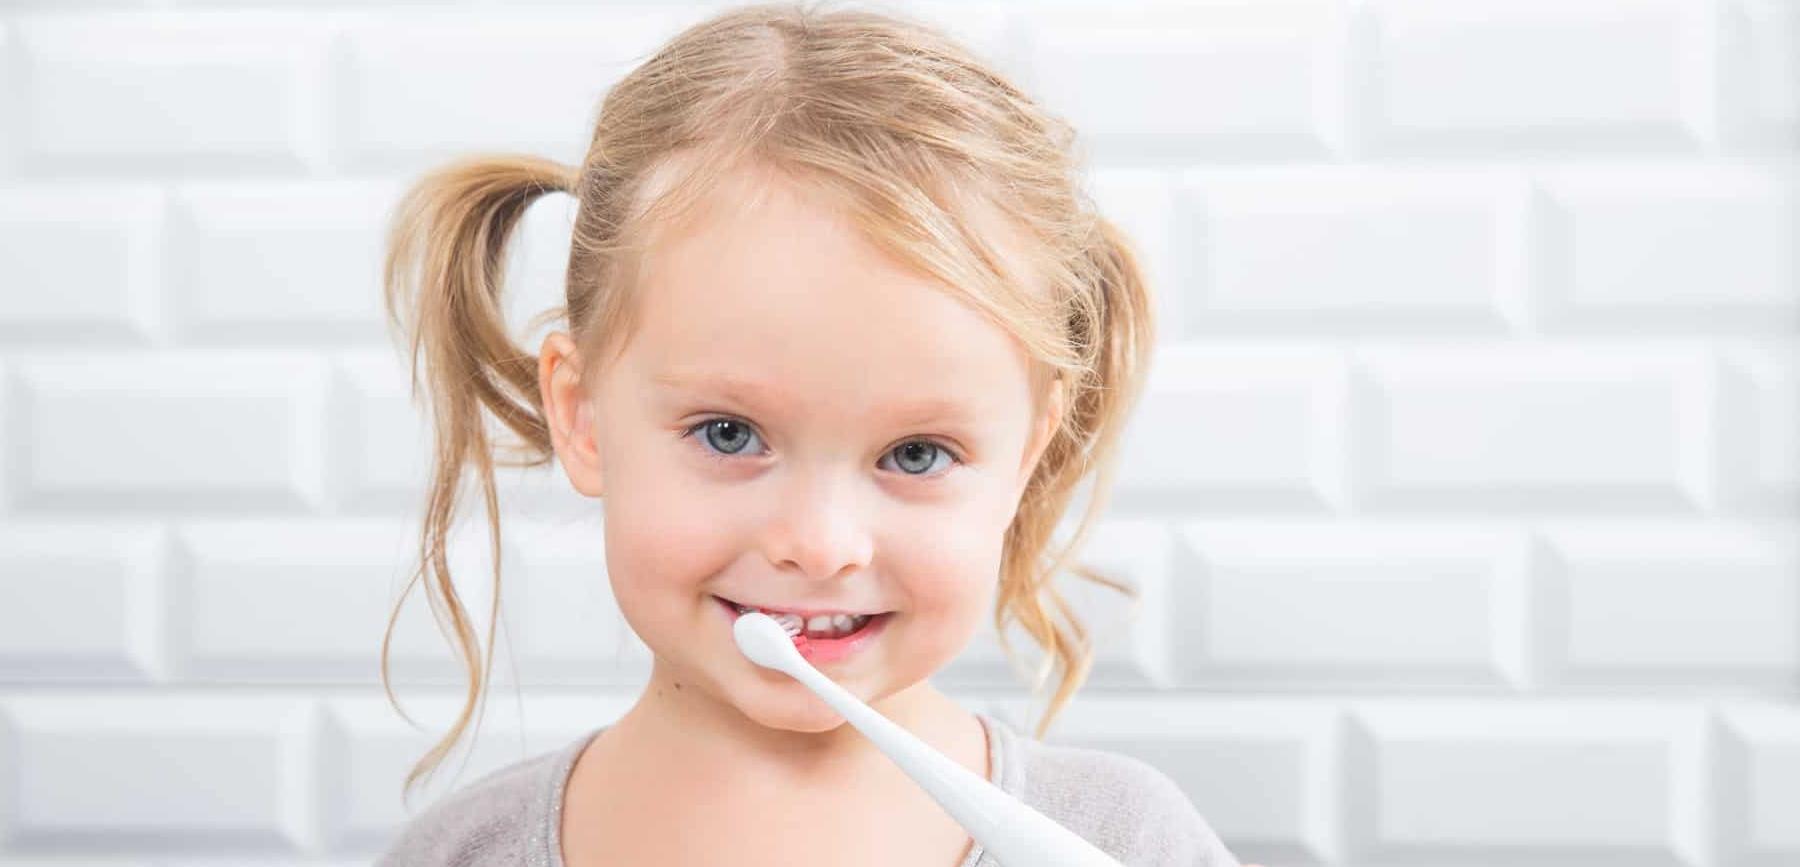 Как научить малыша чистить зубы? - 1